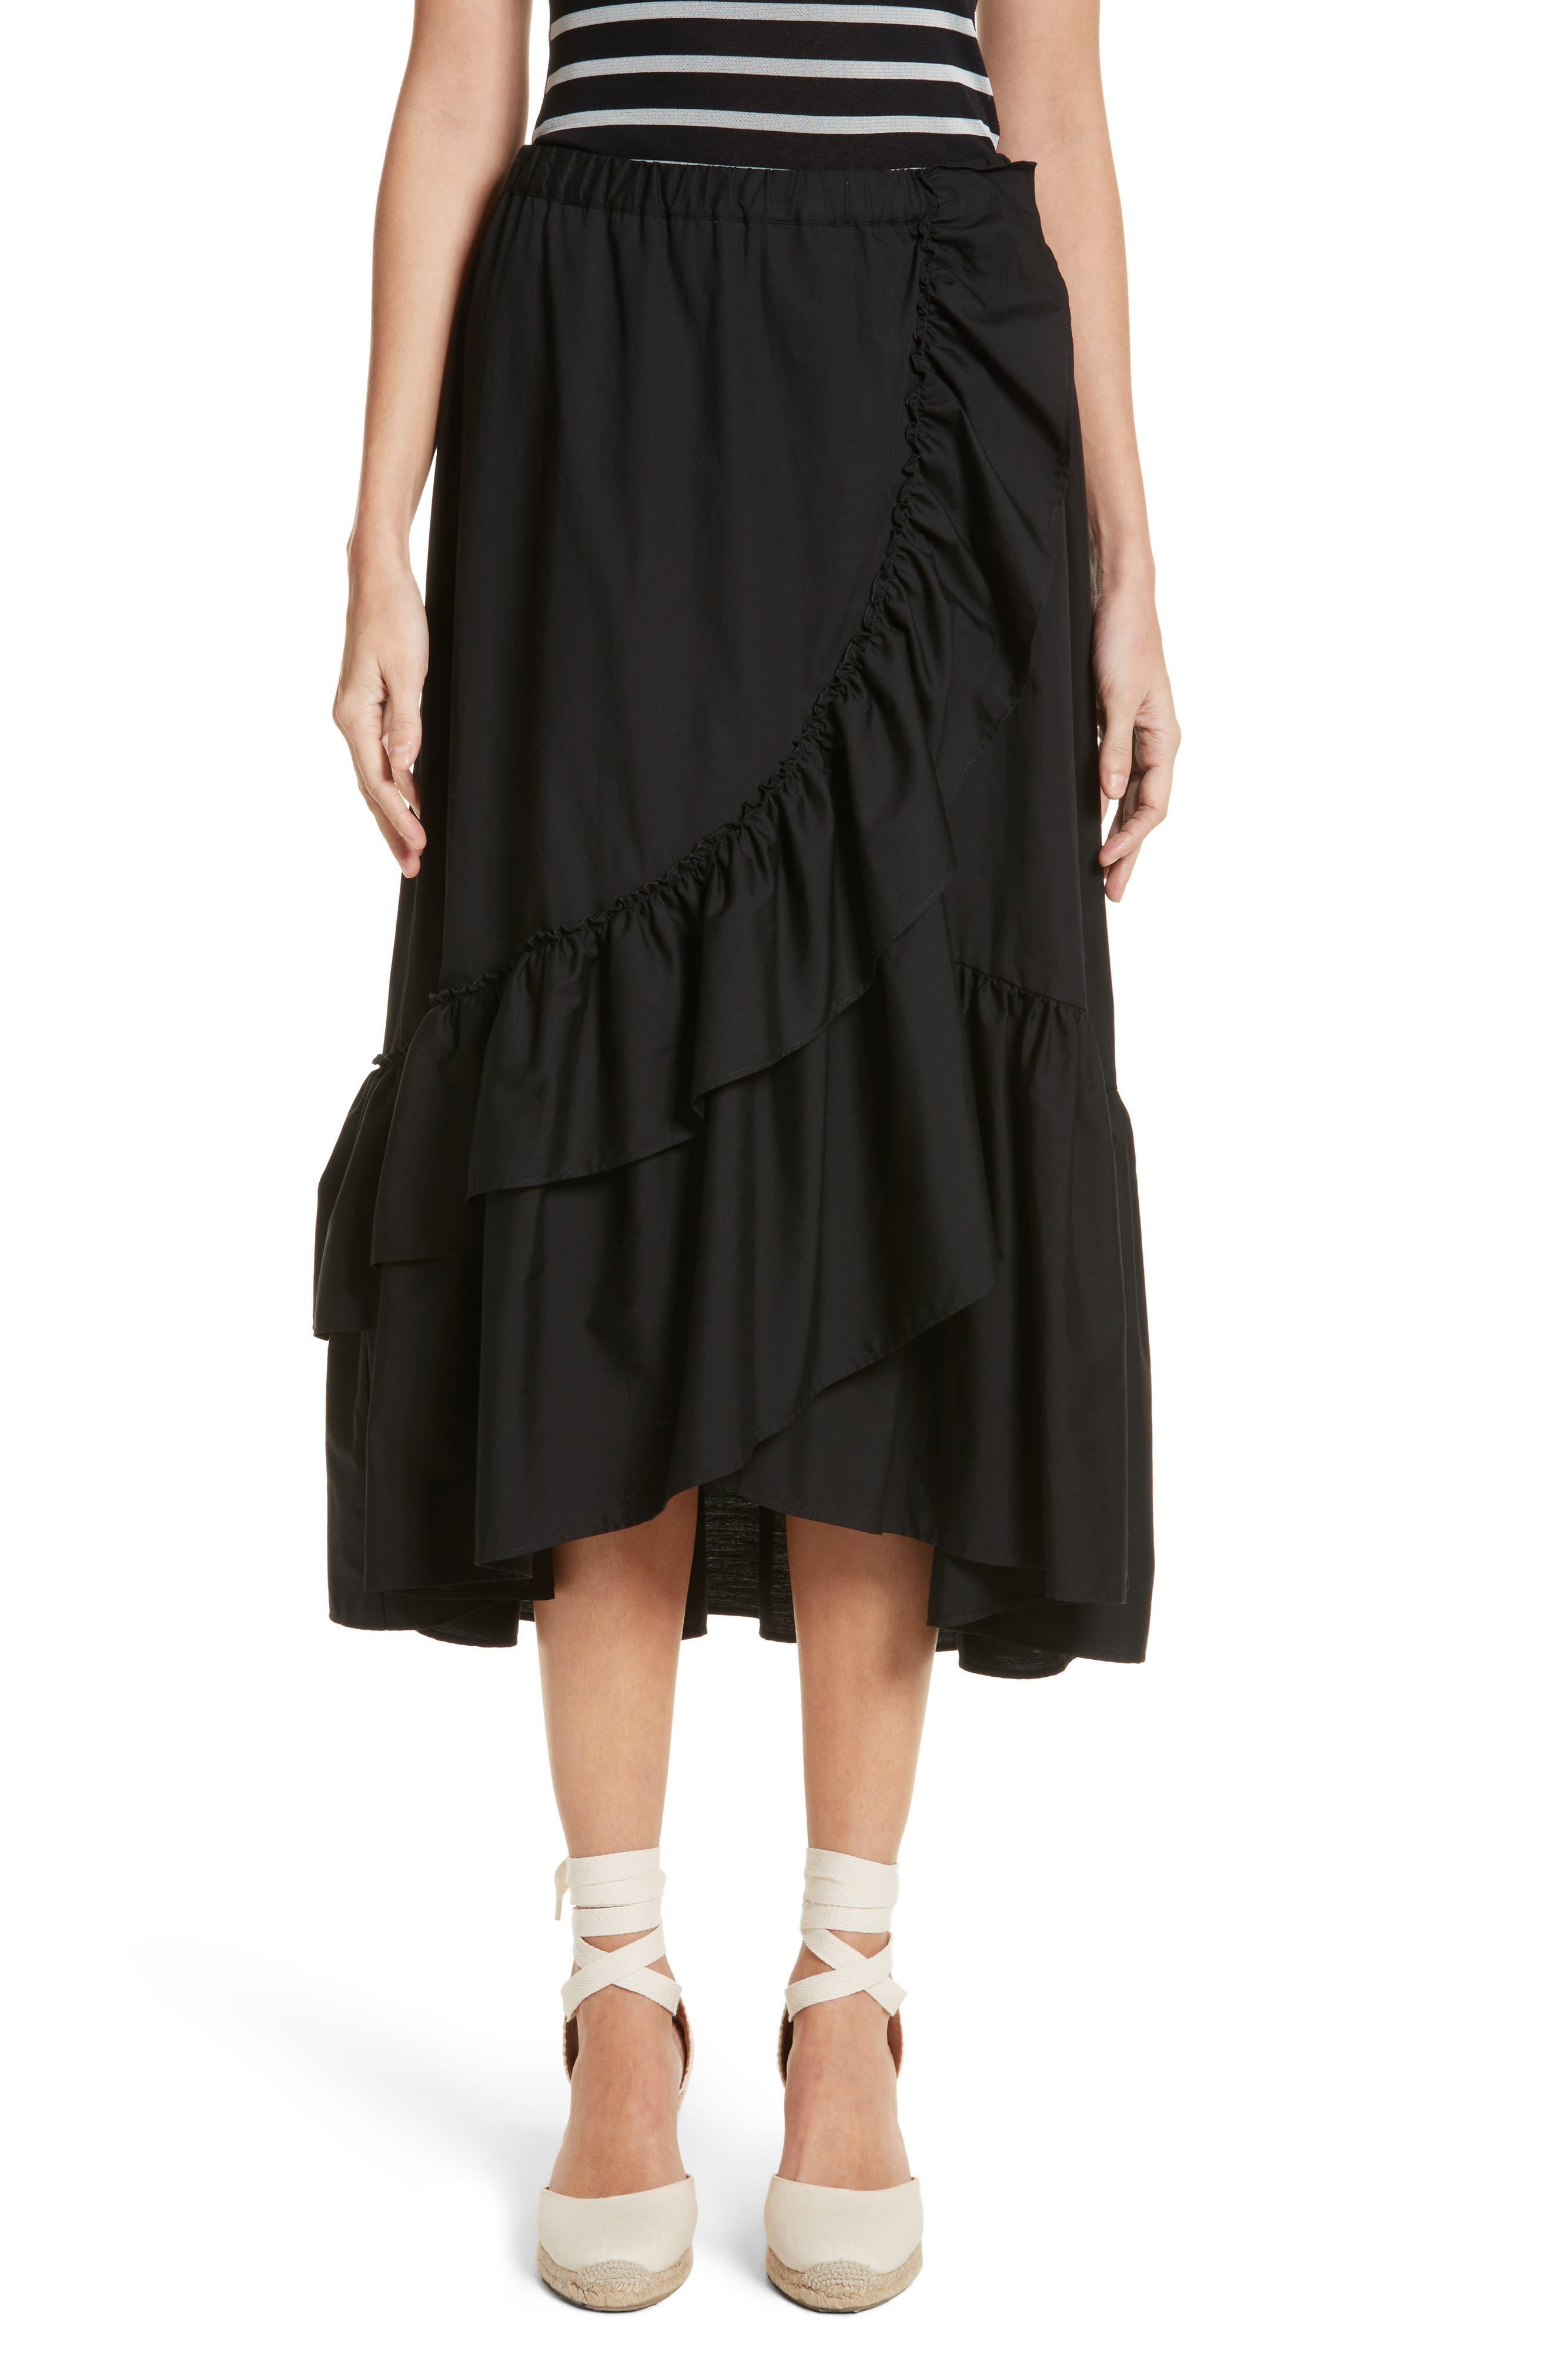 FUZZI,                             Ruffled Poplin Skirt,                             Main thumbnail 1, color,                             001